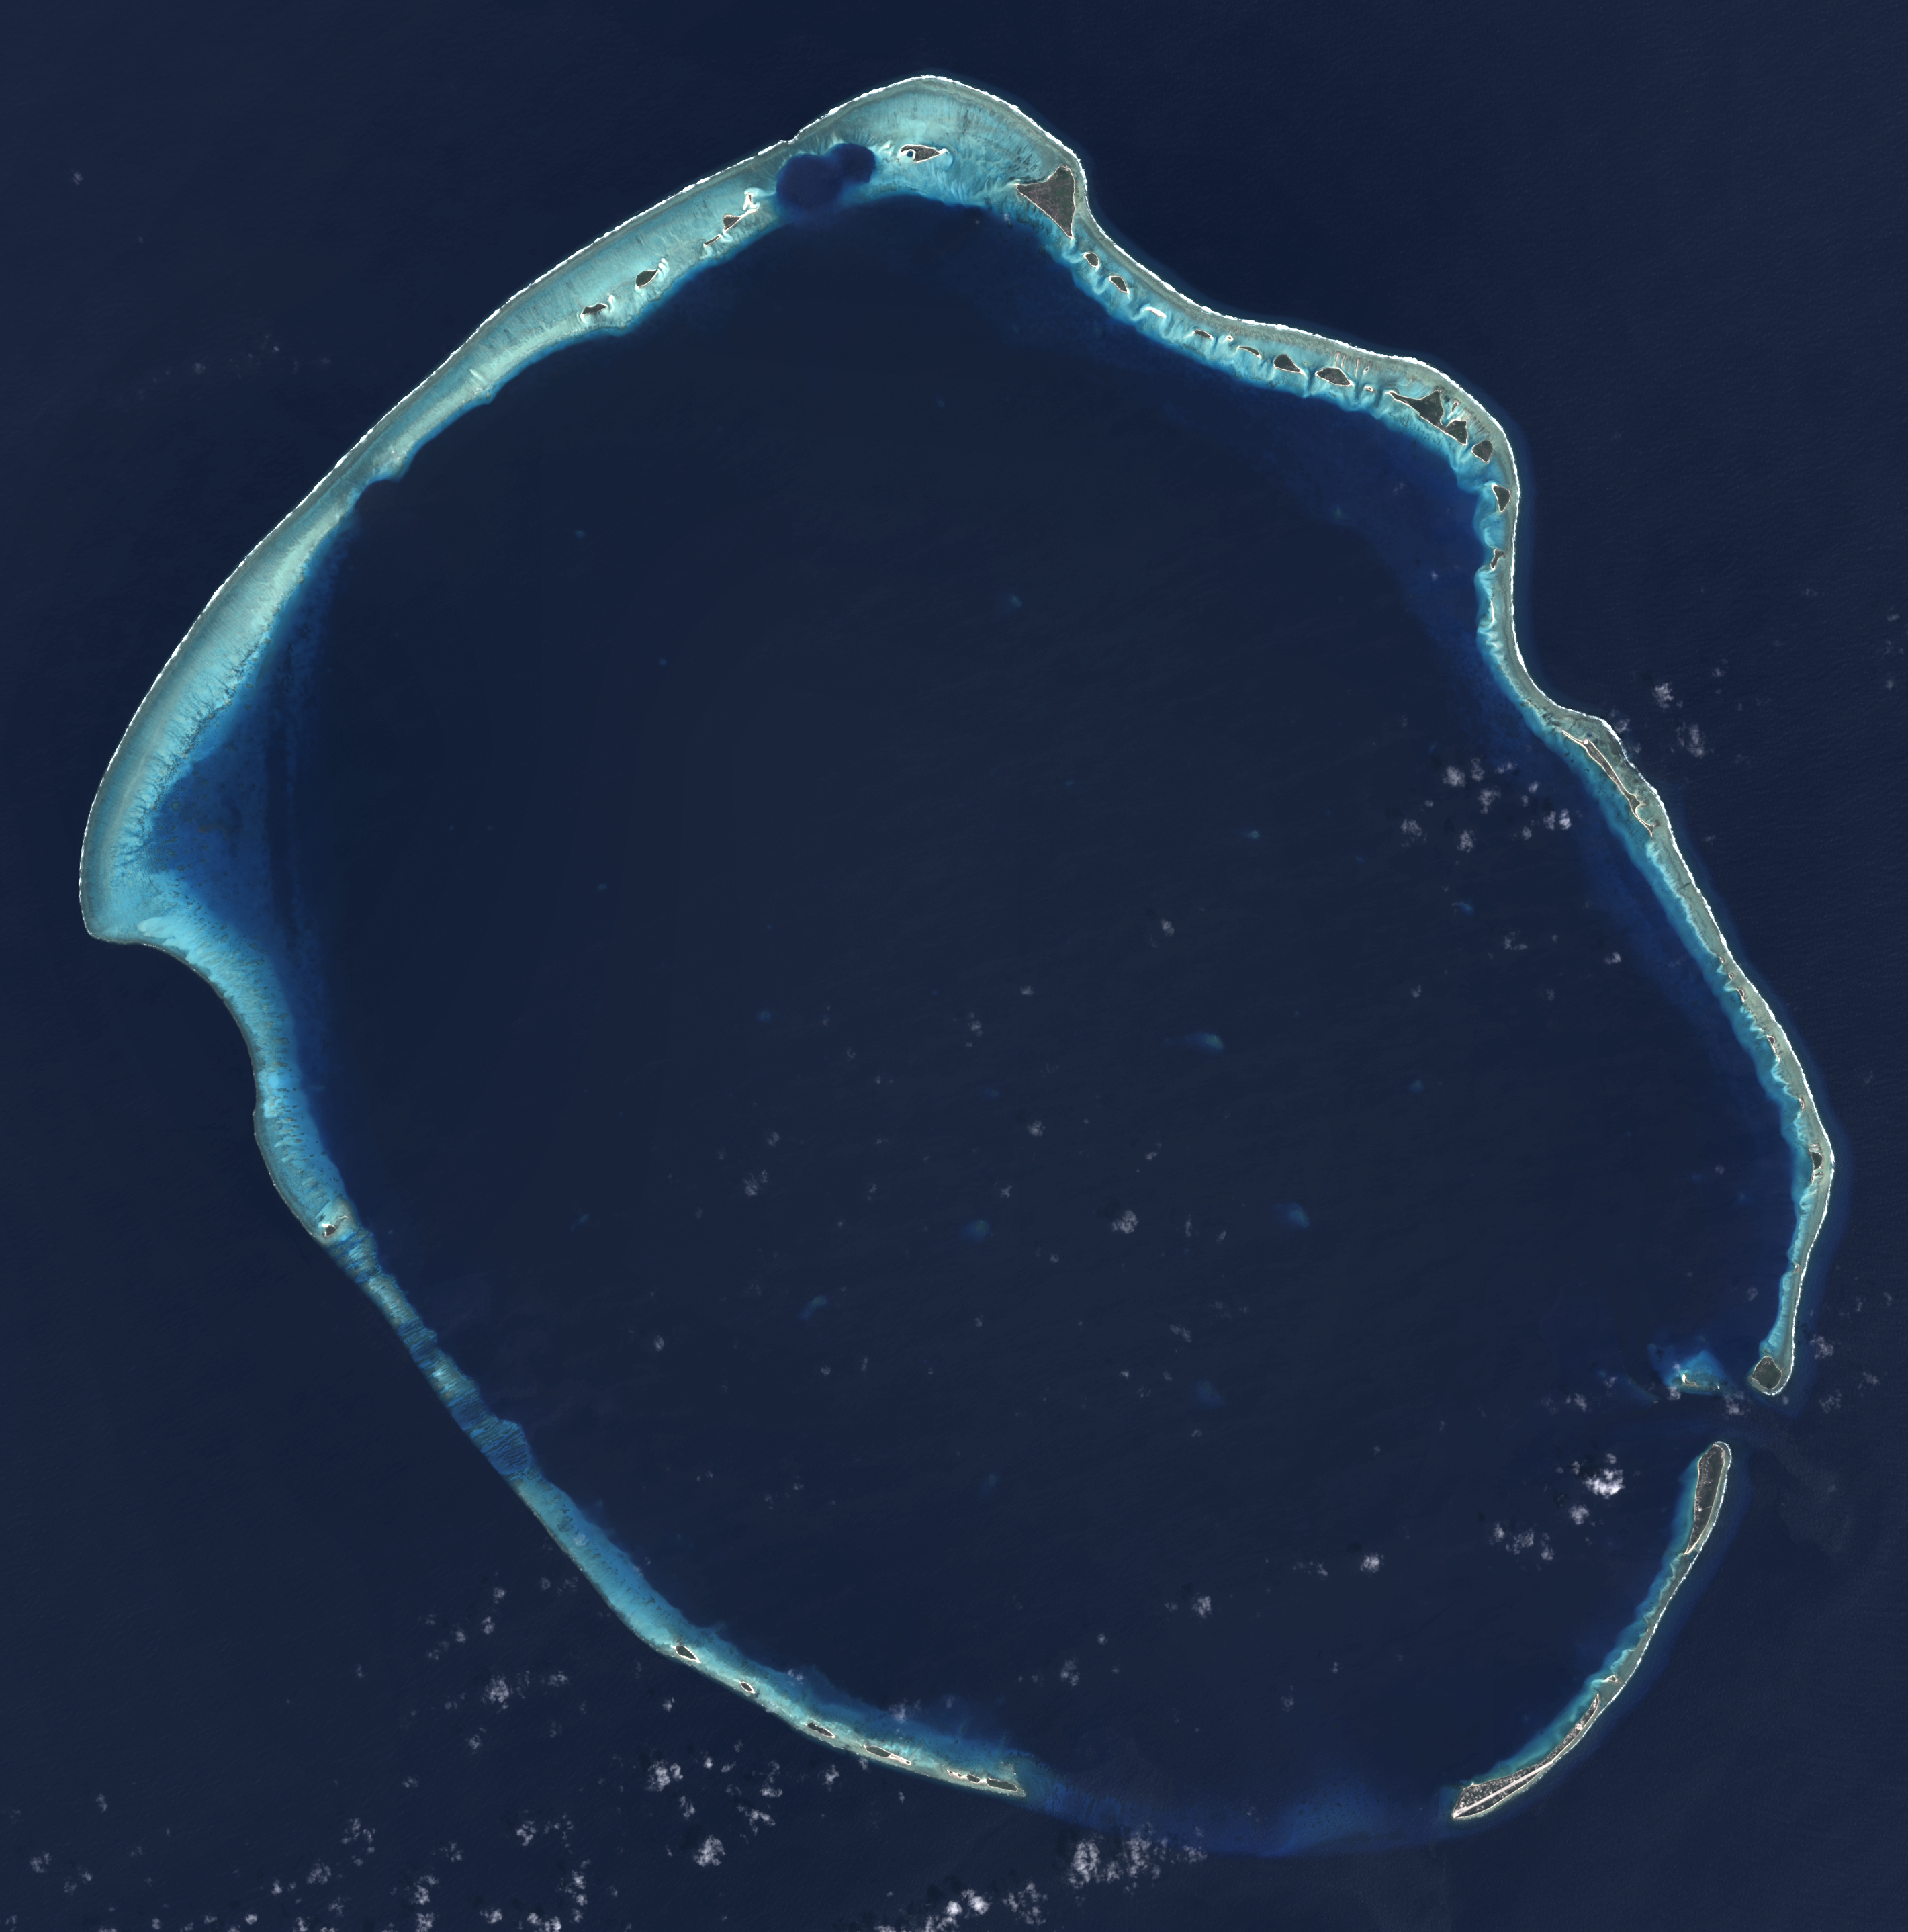 File:Enewetak Atoll - 2014-02-10 - Landsat 8 - 15m png